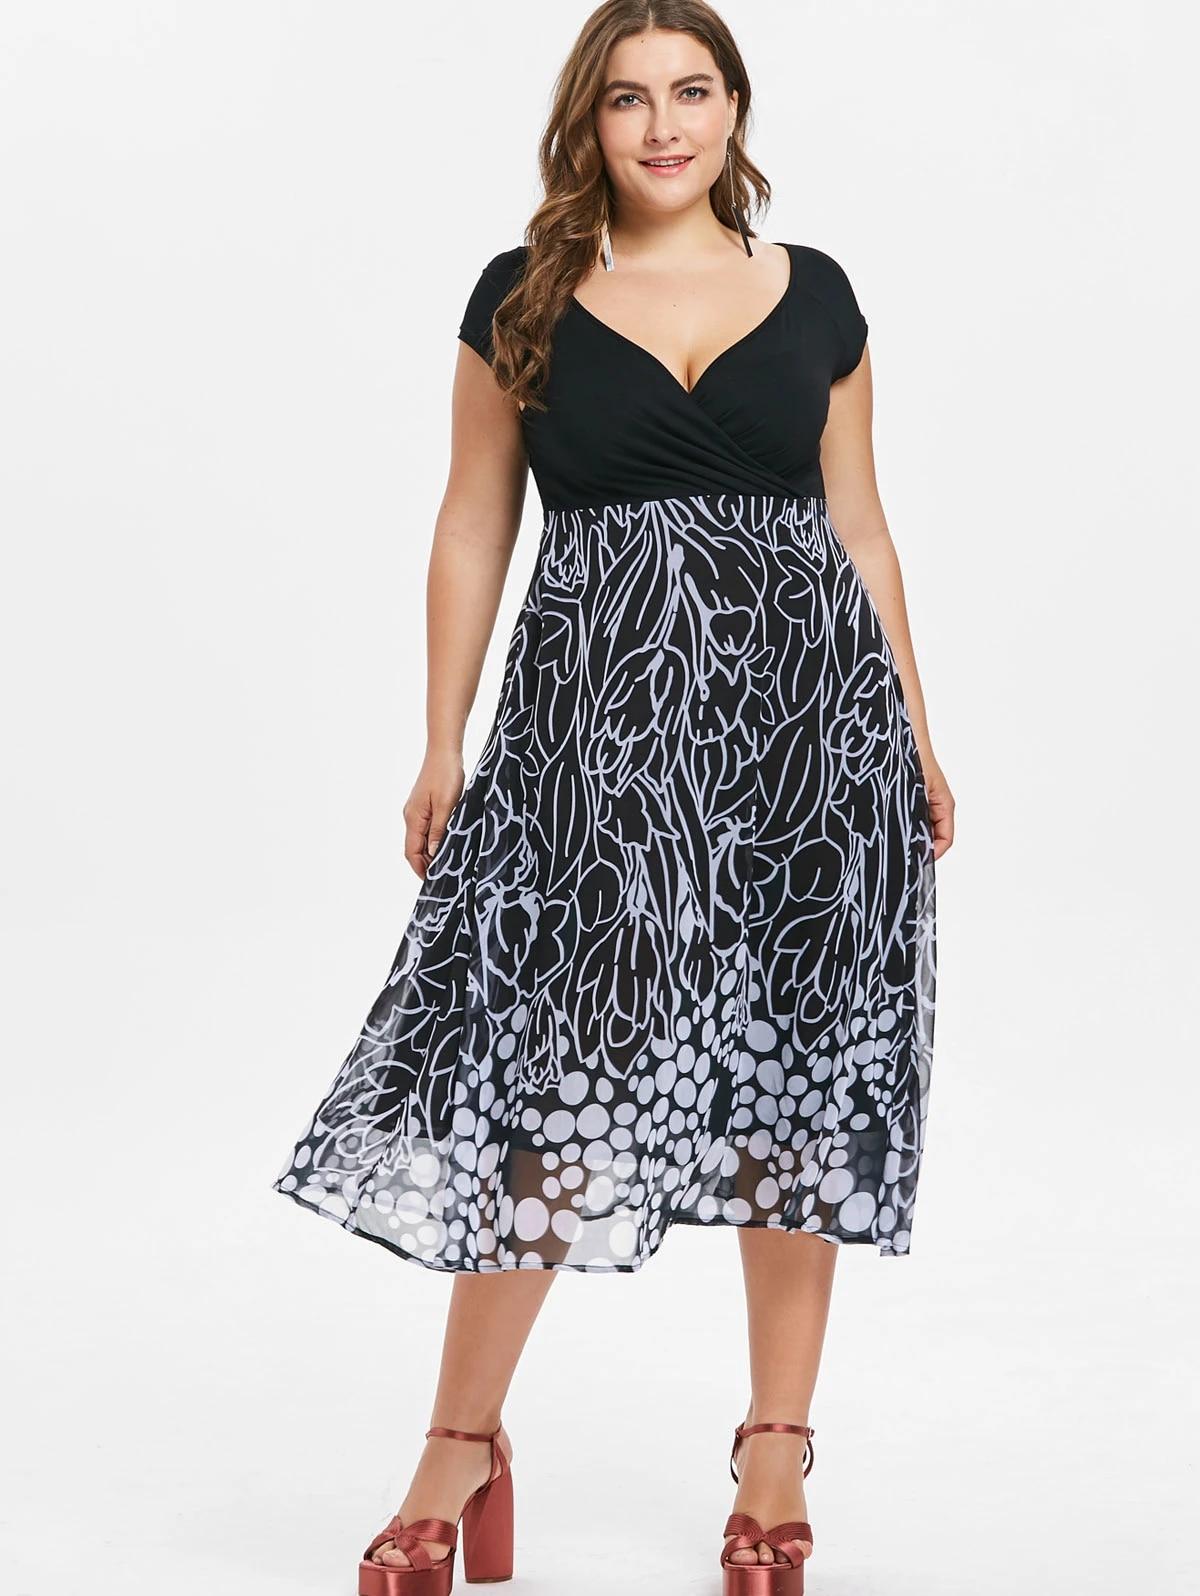 Wipalo Vestido Para Mujer En Tallas Grandes De Talla Grande Vestido De Verano Con Estampado De Linea A Vestidos Bodycon Casual Con Cuello En V Maxi Vestido 2019 Vestidos Aliexpress